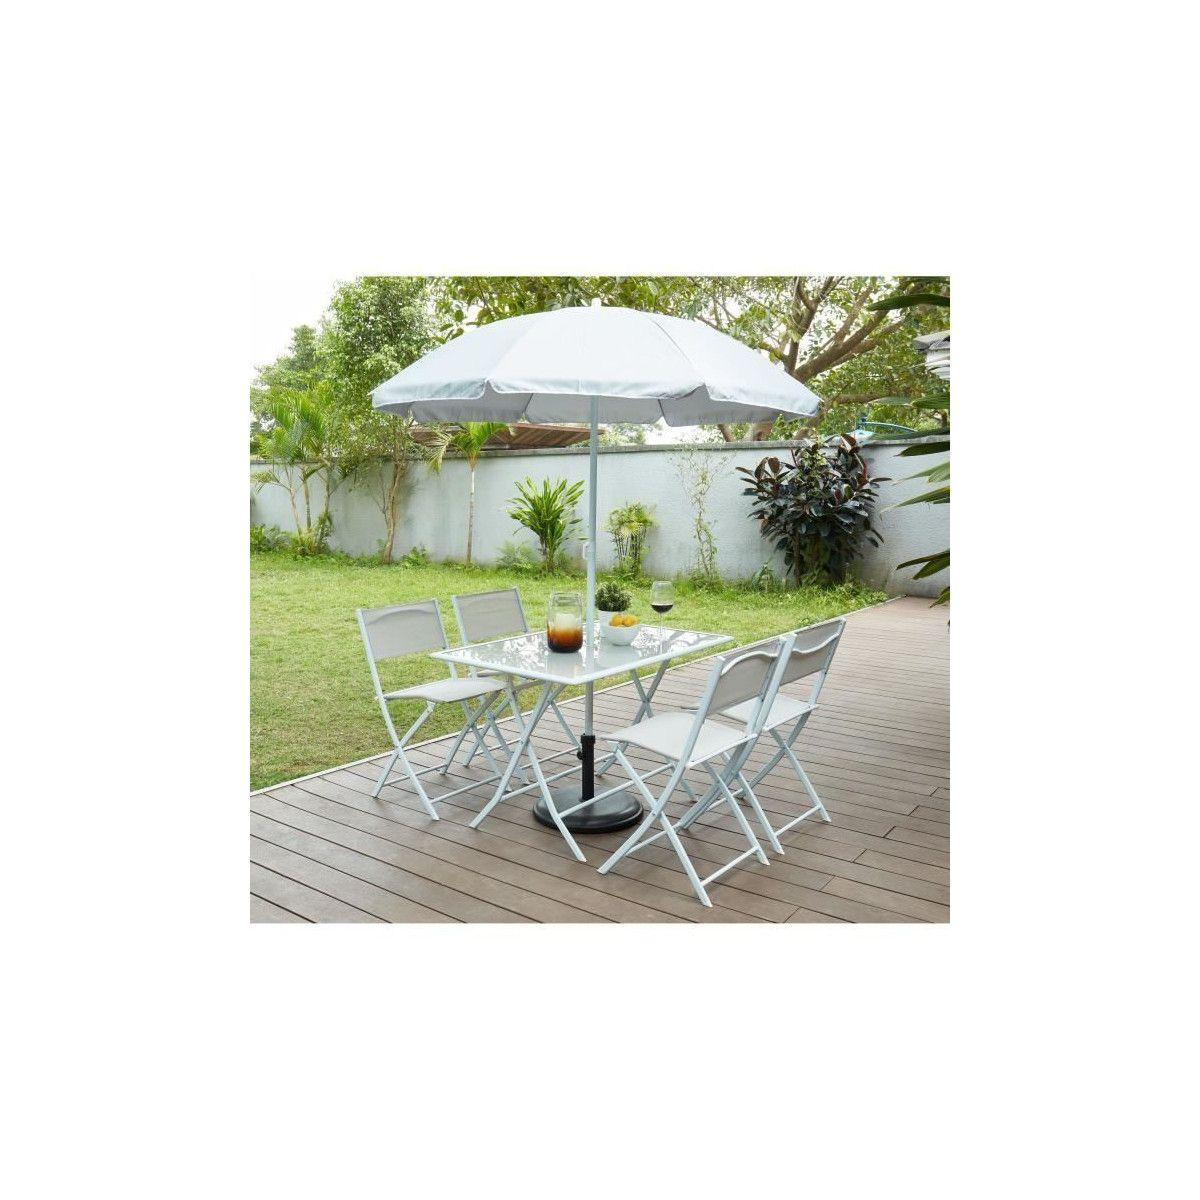 Ensemble en table en en polyester 110 70 verre4 chaises acier parasol cm x SAMOA Gris plateau x avec et 70 2WIHE9eDY